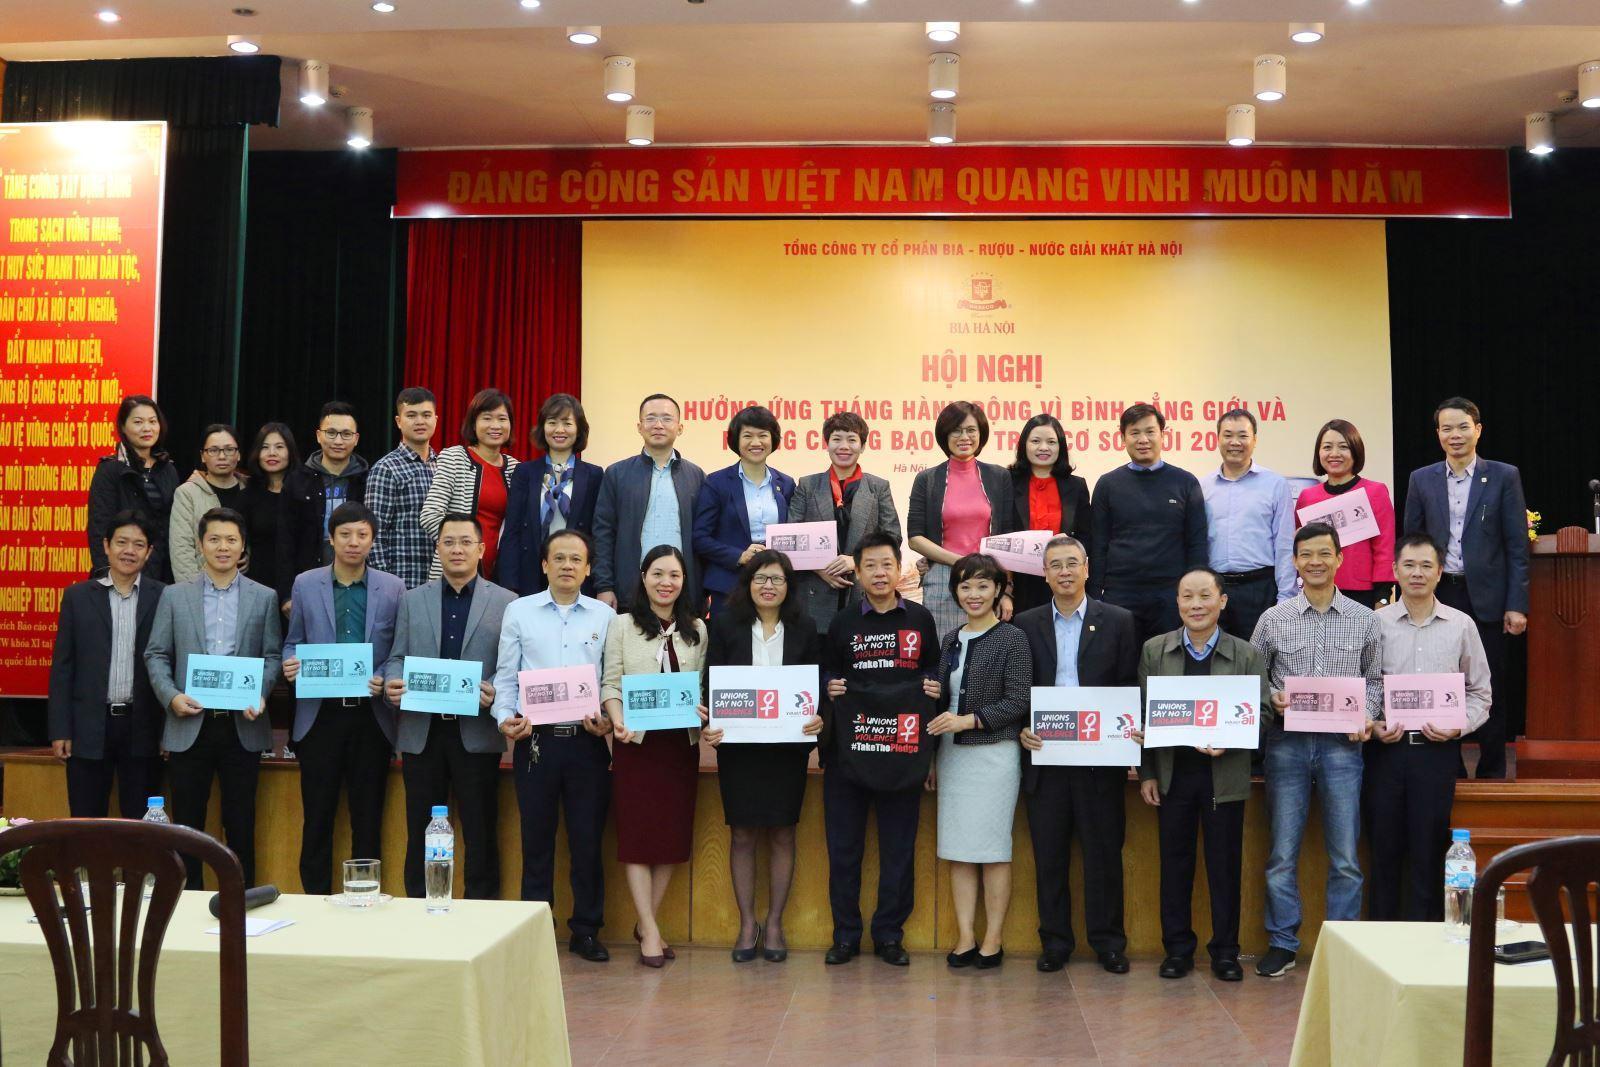 HABECO tổ chức Hội nghị tháng hành động vì bình đẳng giới và phòng chống bạo lực